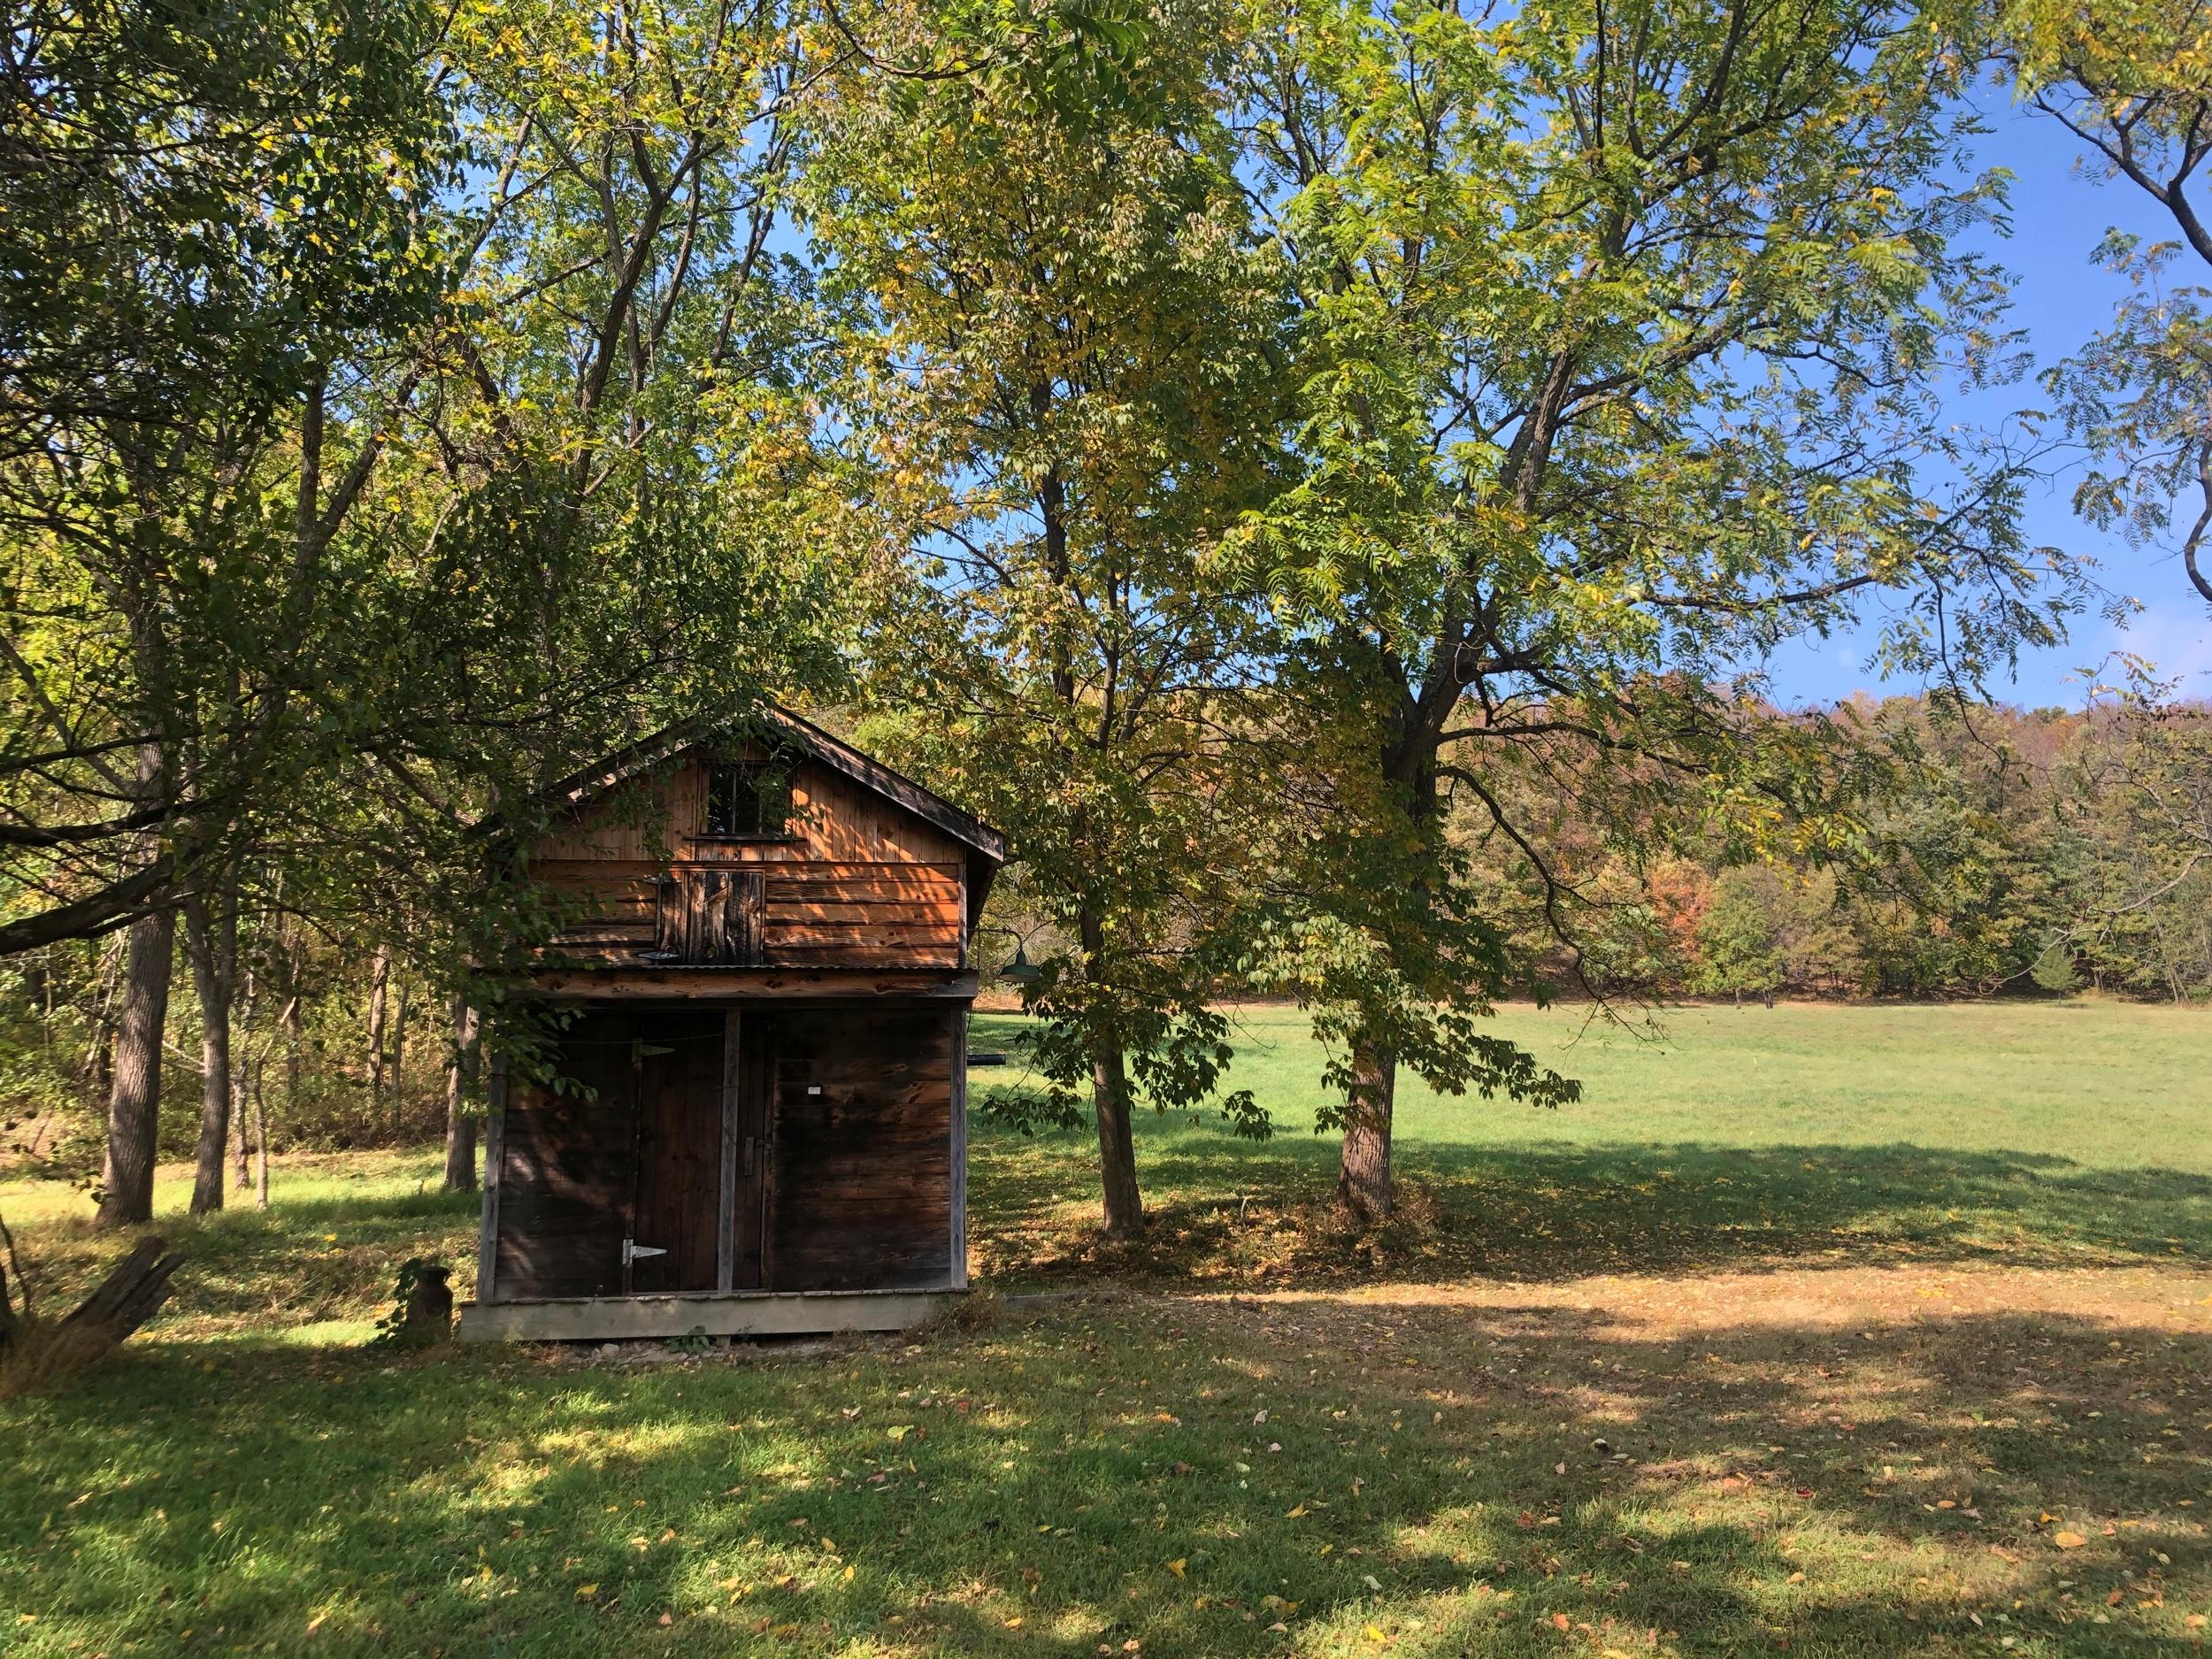 """The """"Secret Shelter"""" on Jim Murray's Farm (Shhhhh)"""